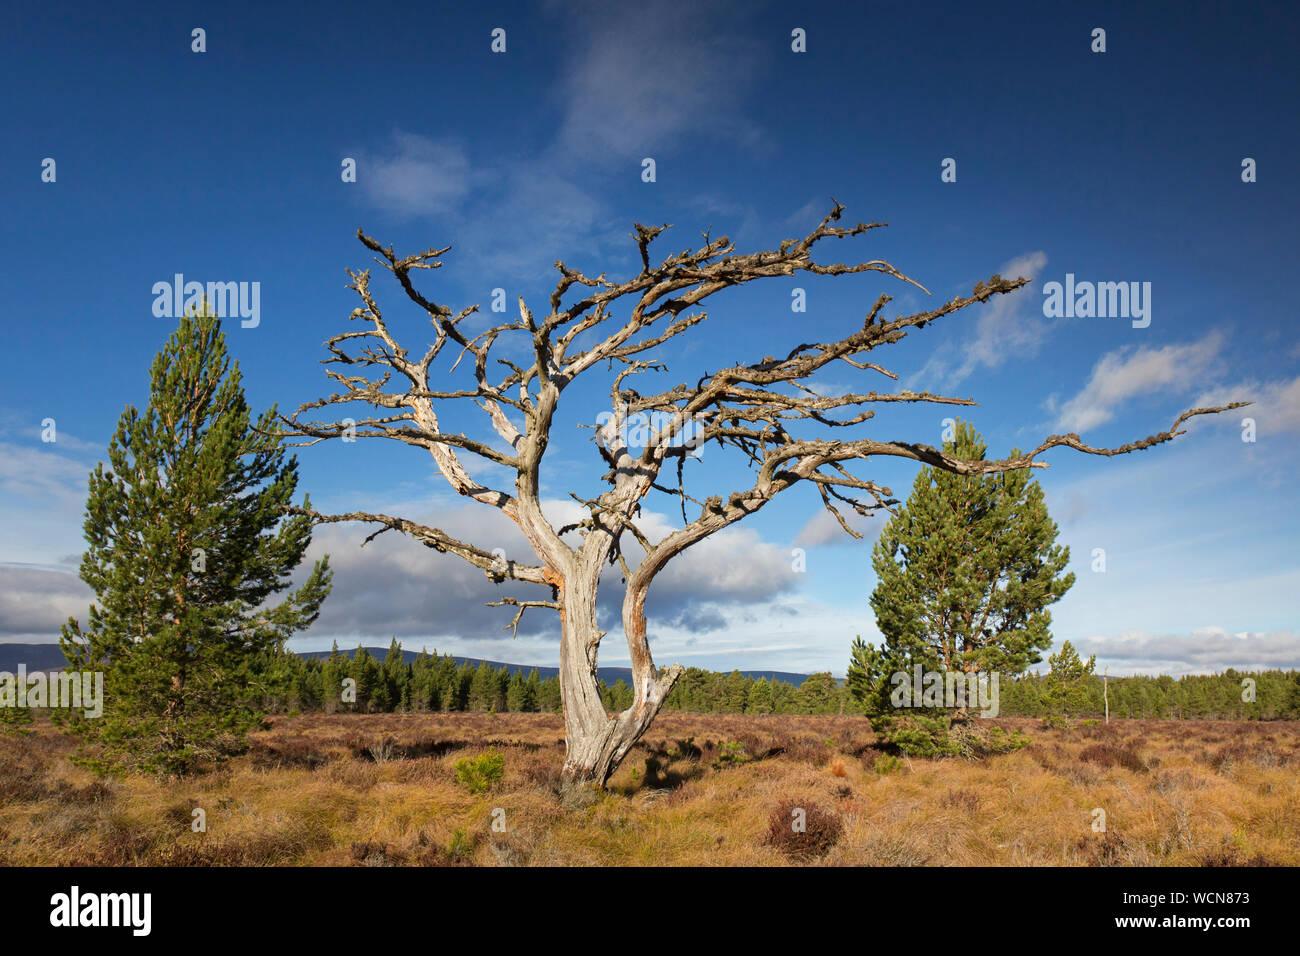 Muerto pino Scots (Pinus sylvestris) en páramos / Heath, el Parque Nacional de Cairngorms, Badenoch y Strathspey, Scotland, Reino Unido Foto de stock